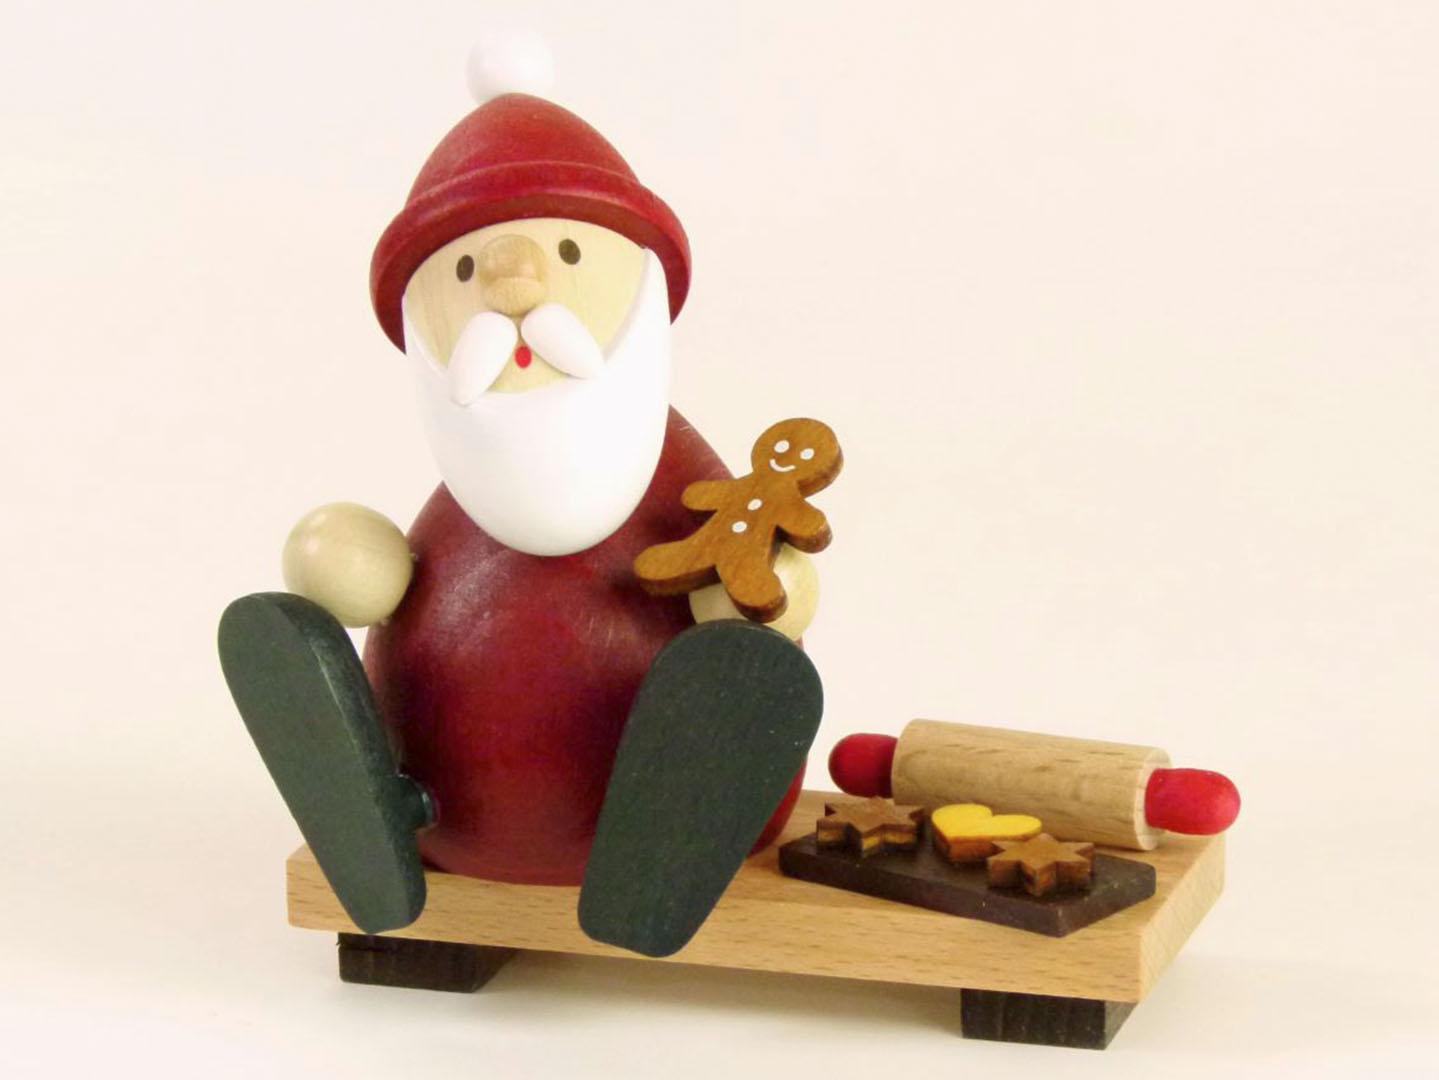 Tischschmuck: Weihnachtsmann modern auf Bank mit Lebkuchenmann, Backblech und Nudelholz